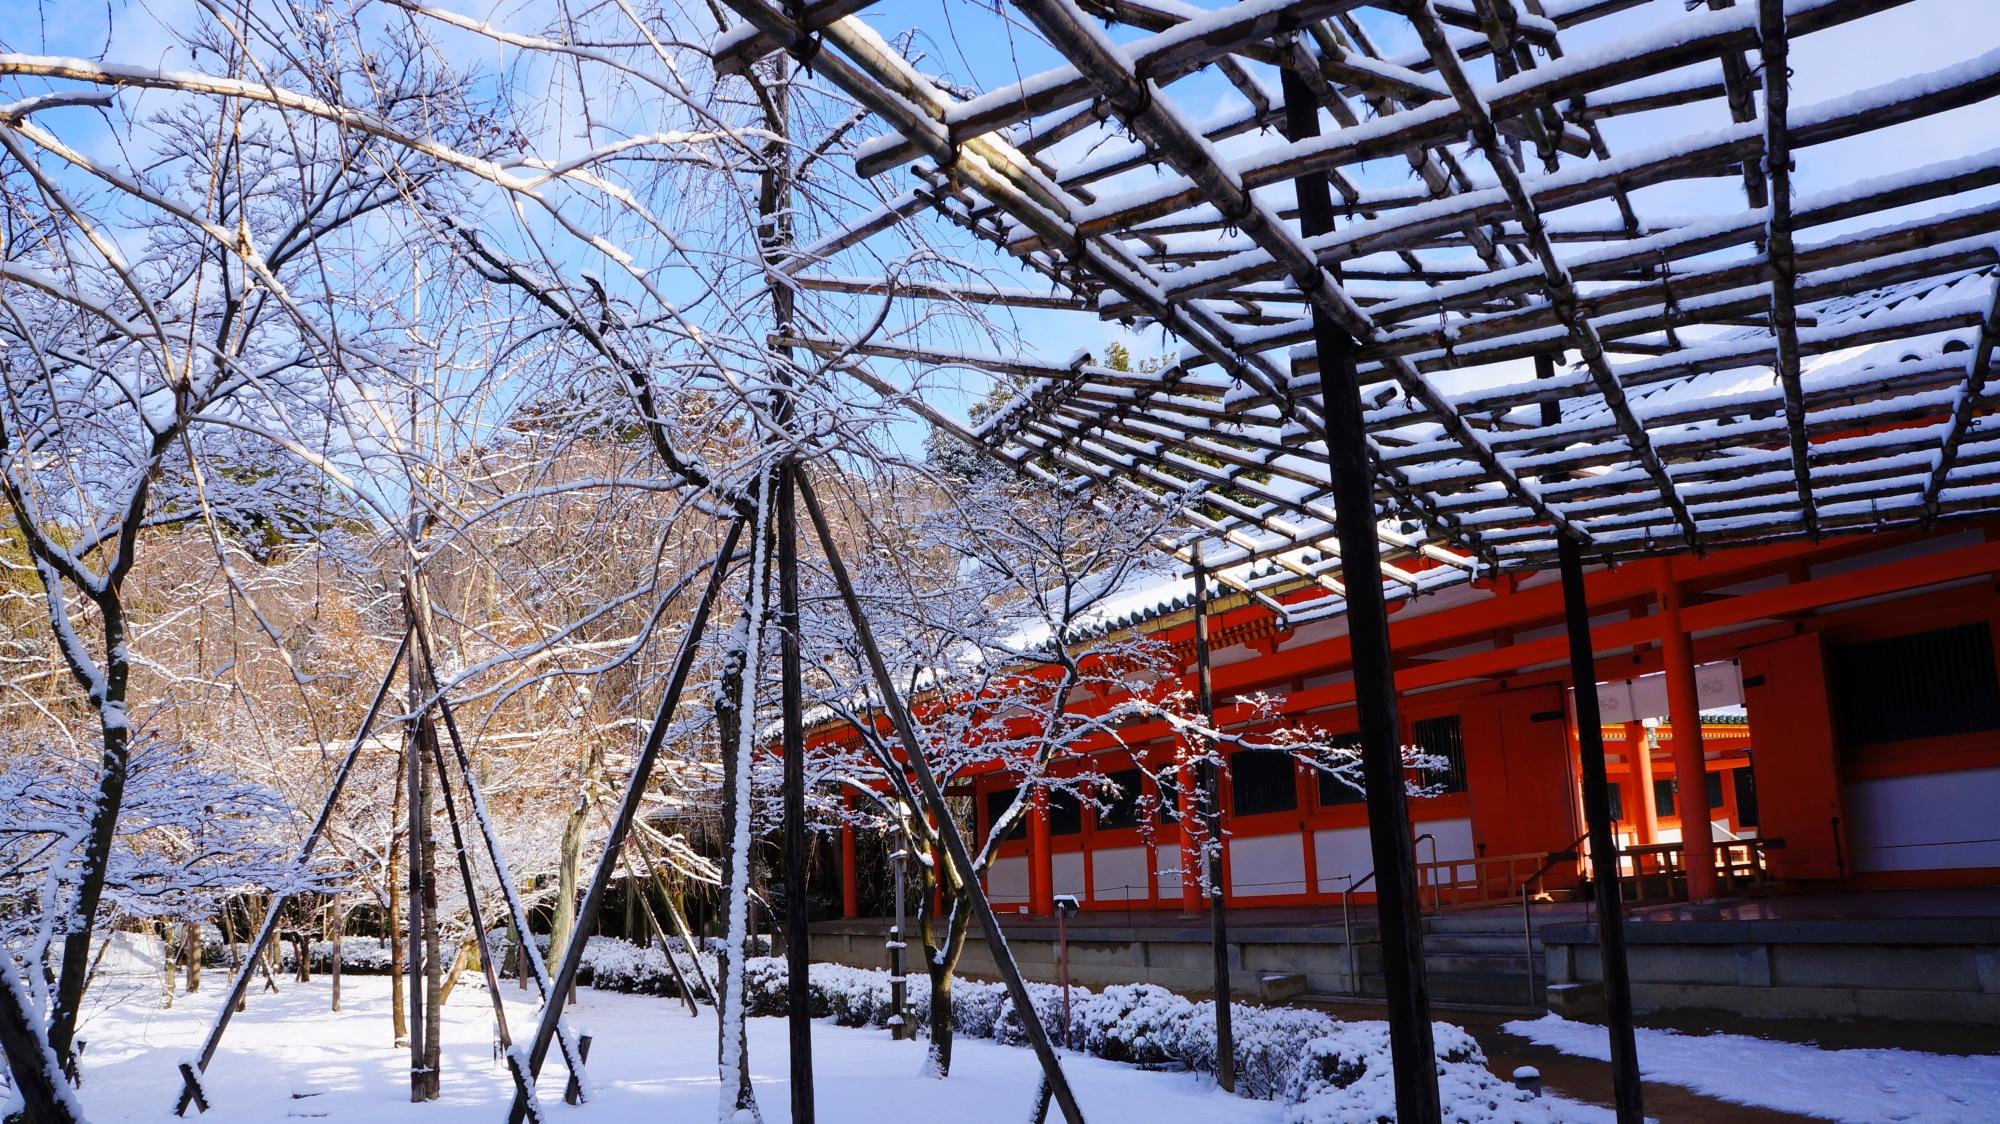 青空が見え日が当たると直ぐになくなってしまう京都の行き